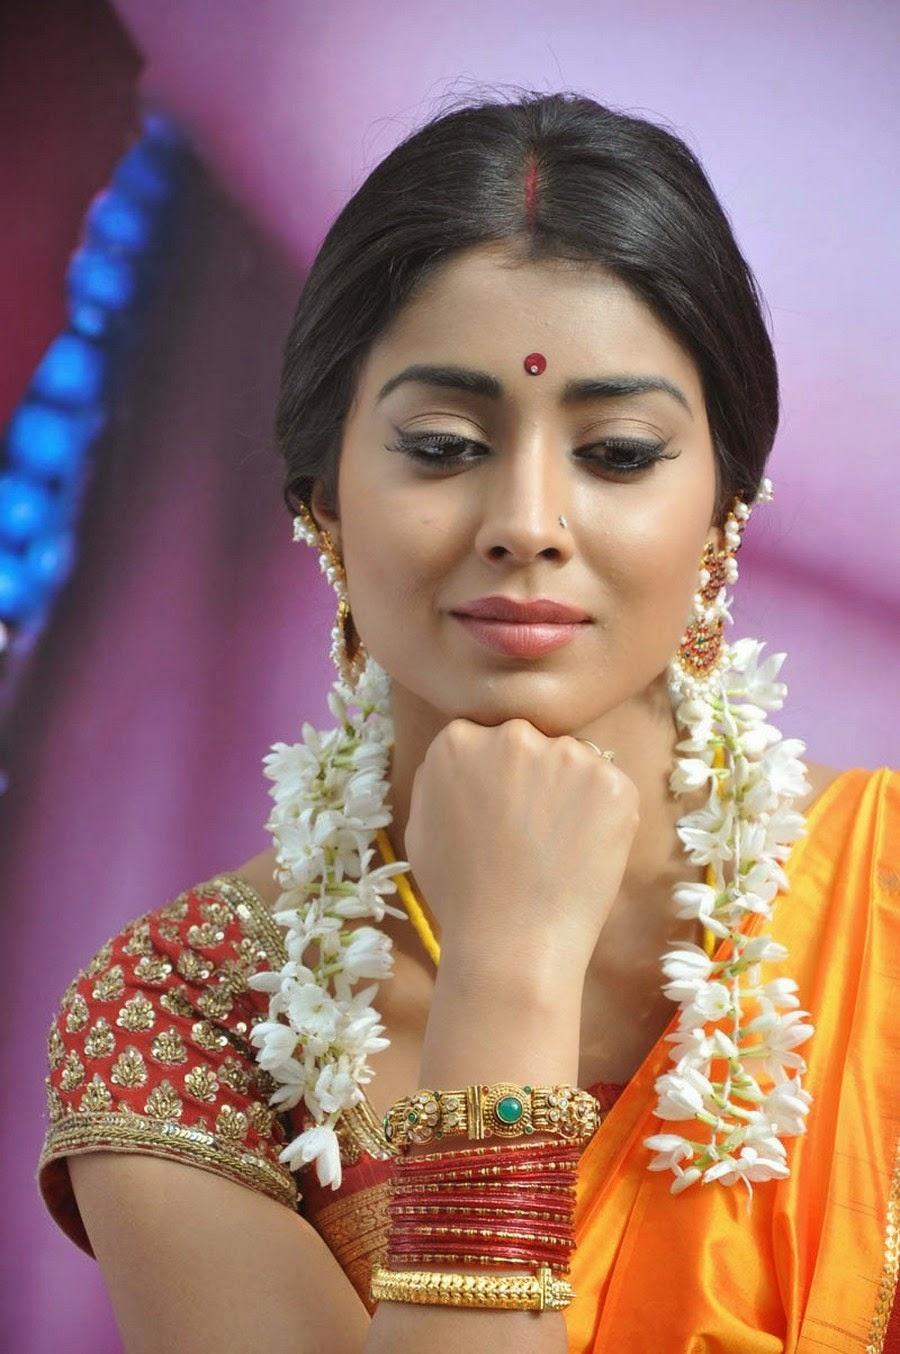 tollywood actress hot photos in saree hd